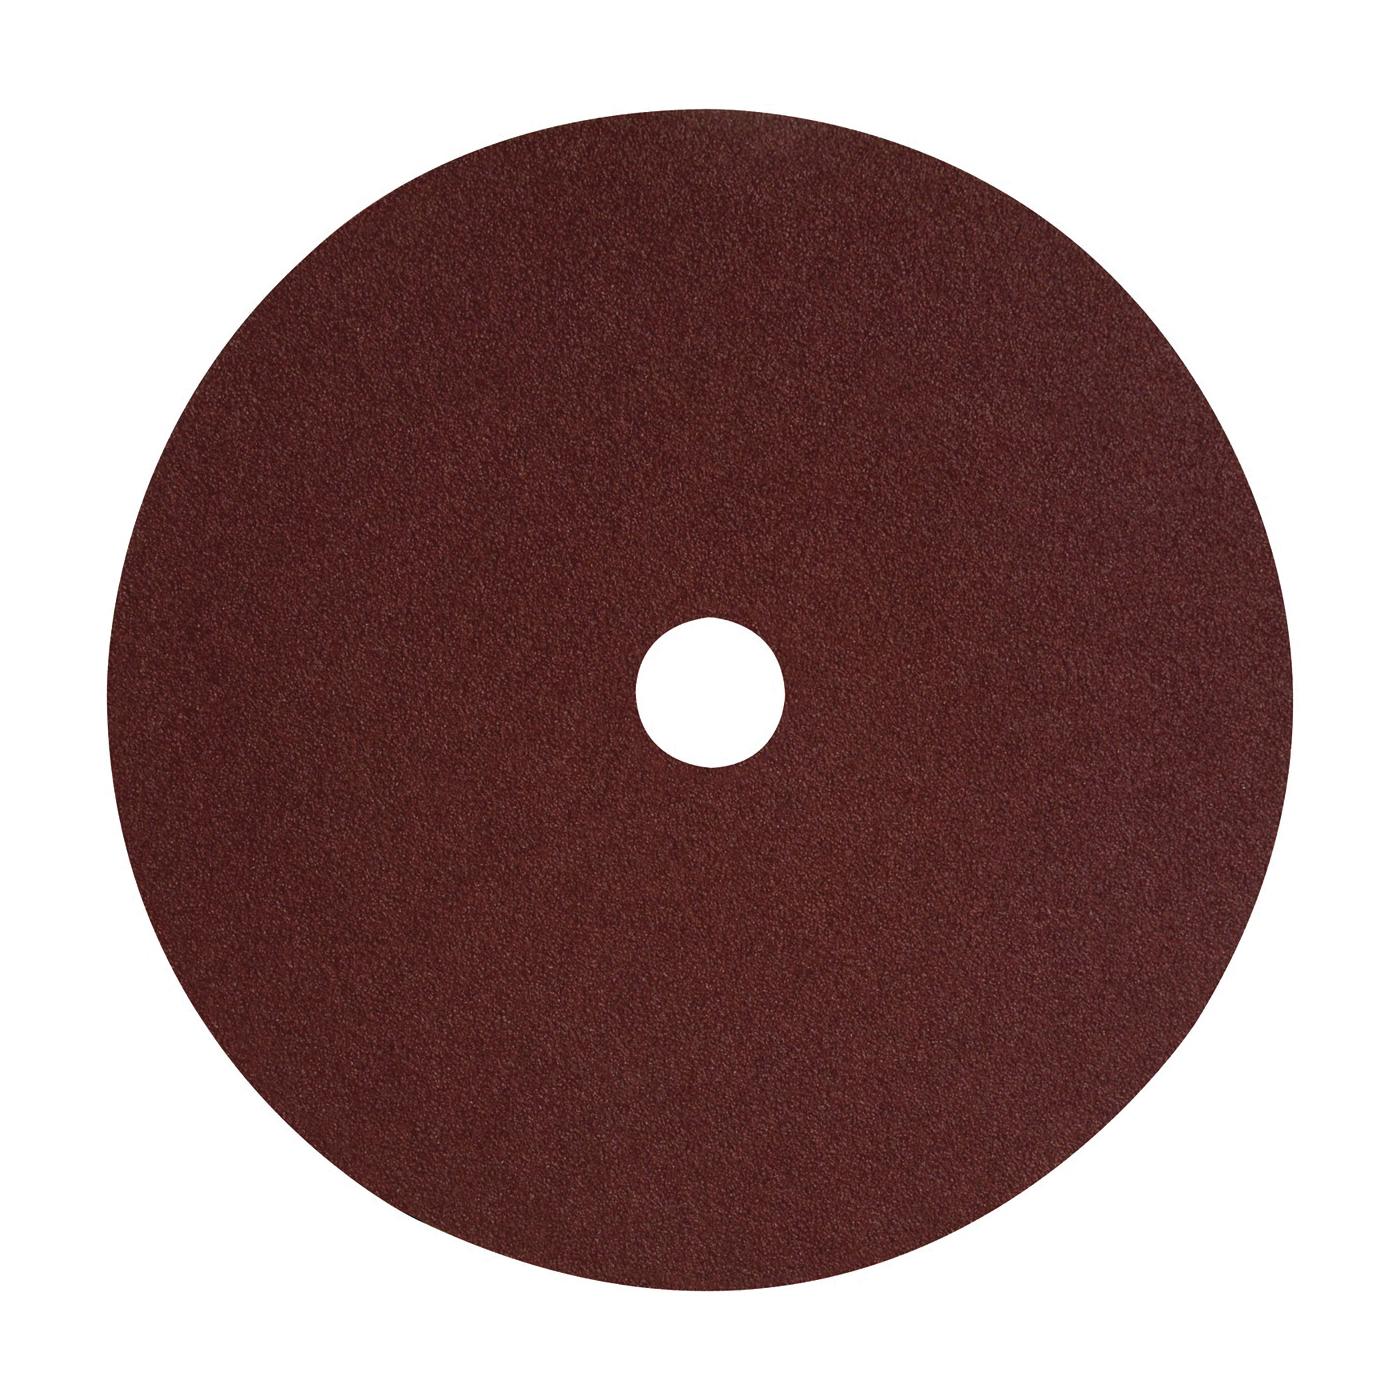 Picture of DeWALT DARB1G0805 Fiber Disc, 4-1/2 in Dia, 7/8 in Arbor, Coated, 80 Grit, Aluminum Oxide Abrasive, Fiber Backing